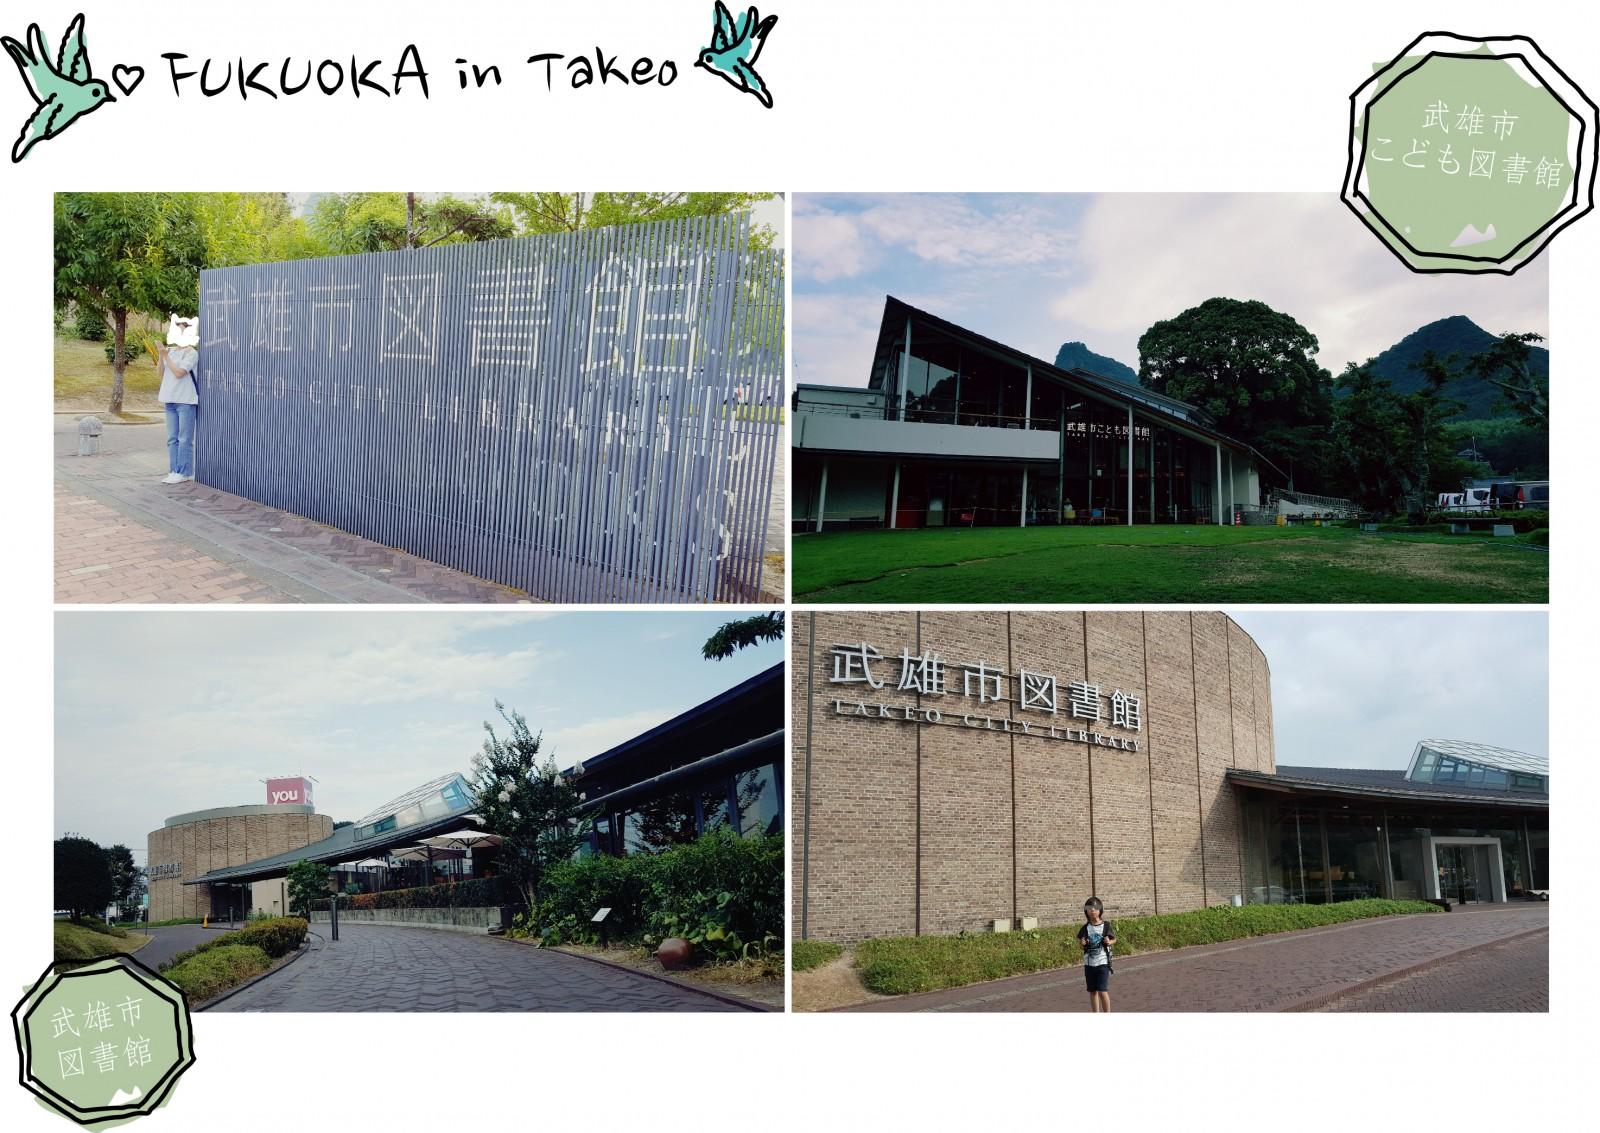 武雄市図書館建築之美 漫步在閑美寧靜的街町找到最純粹的幸福